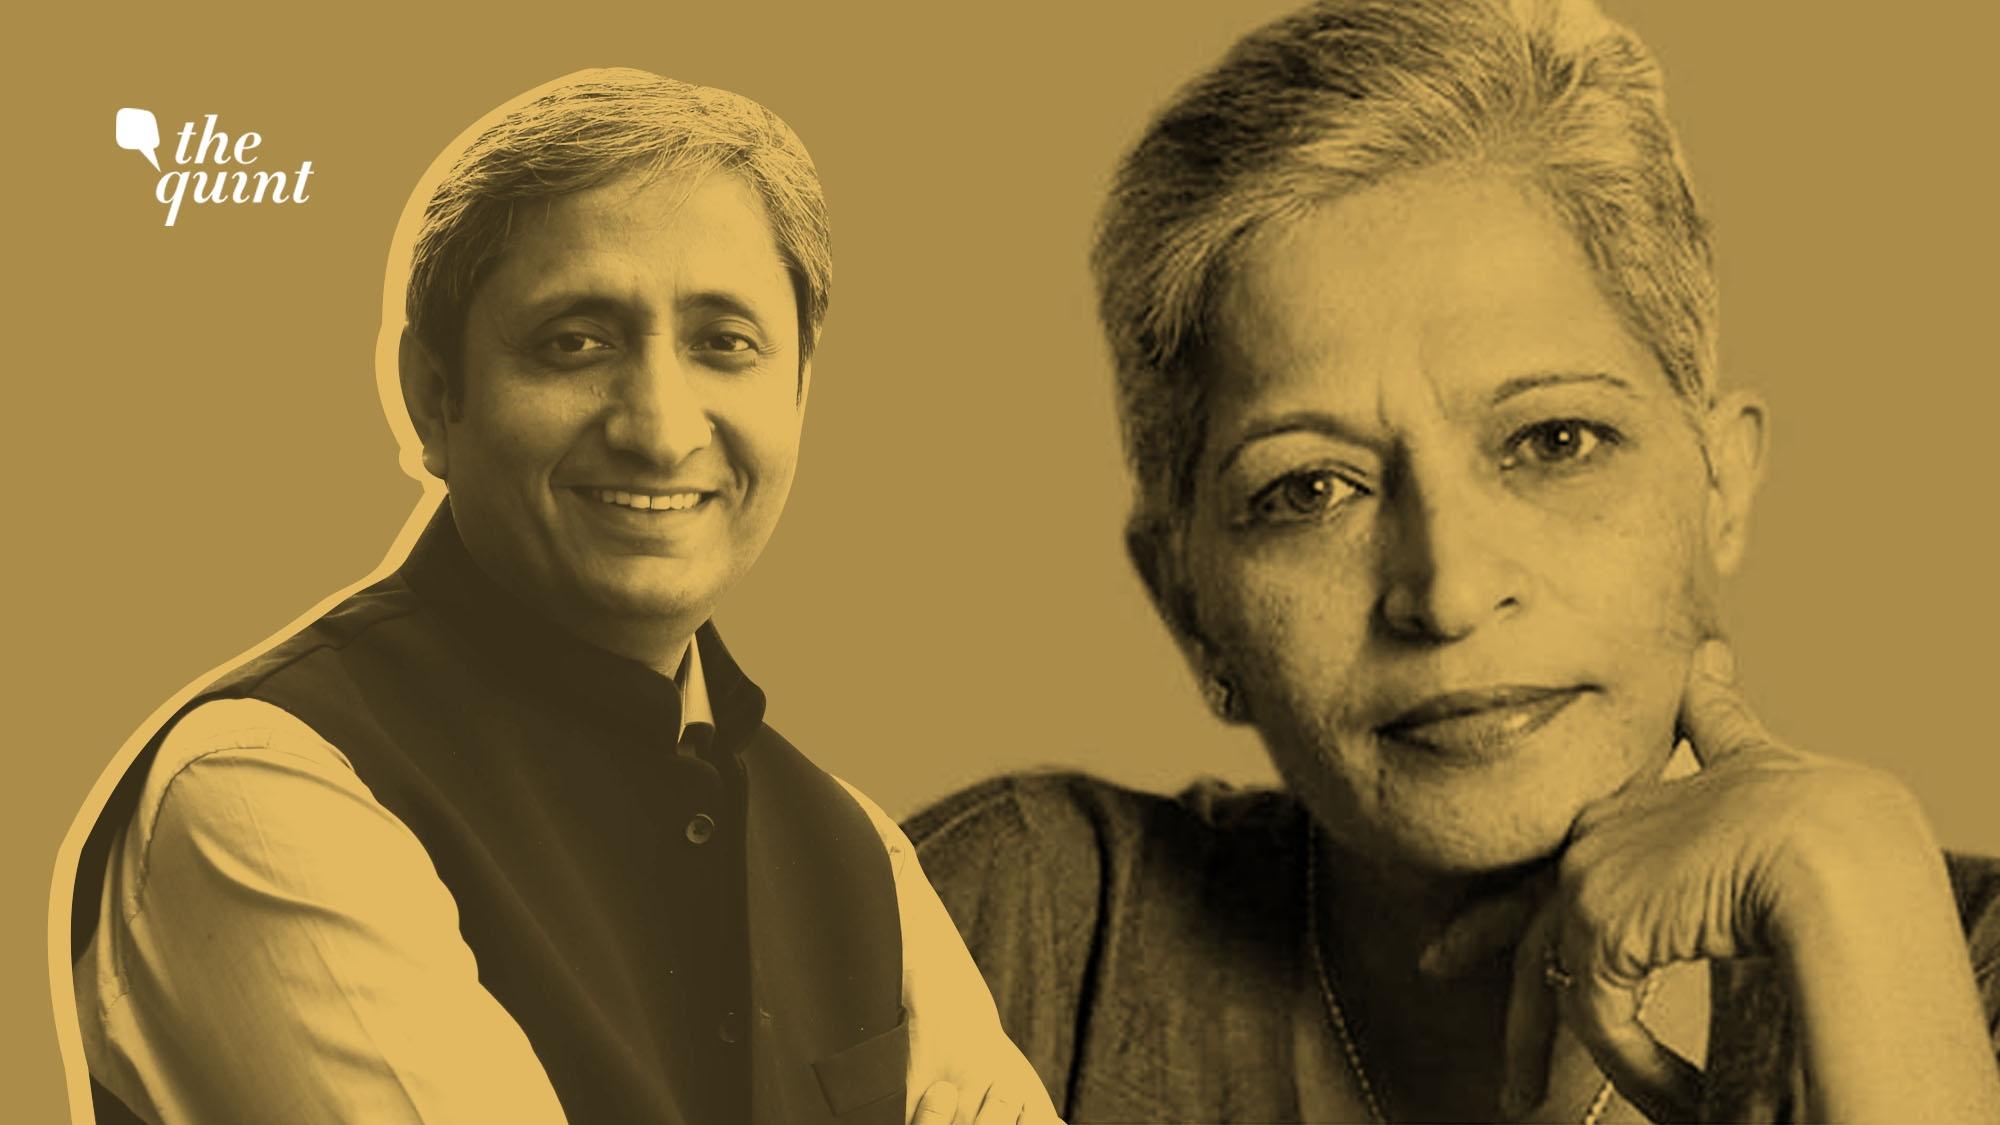 Ravish Kumar to Receive First Gauri Lankesh Award for Journalism